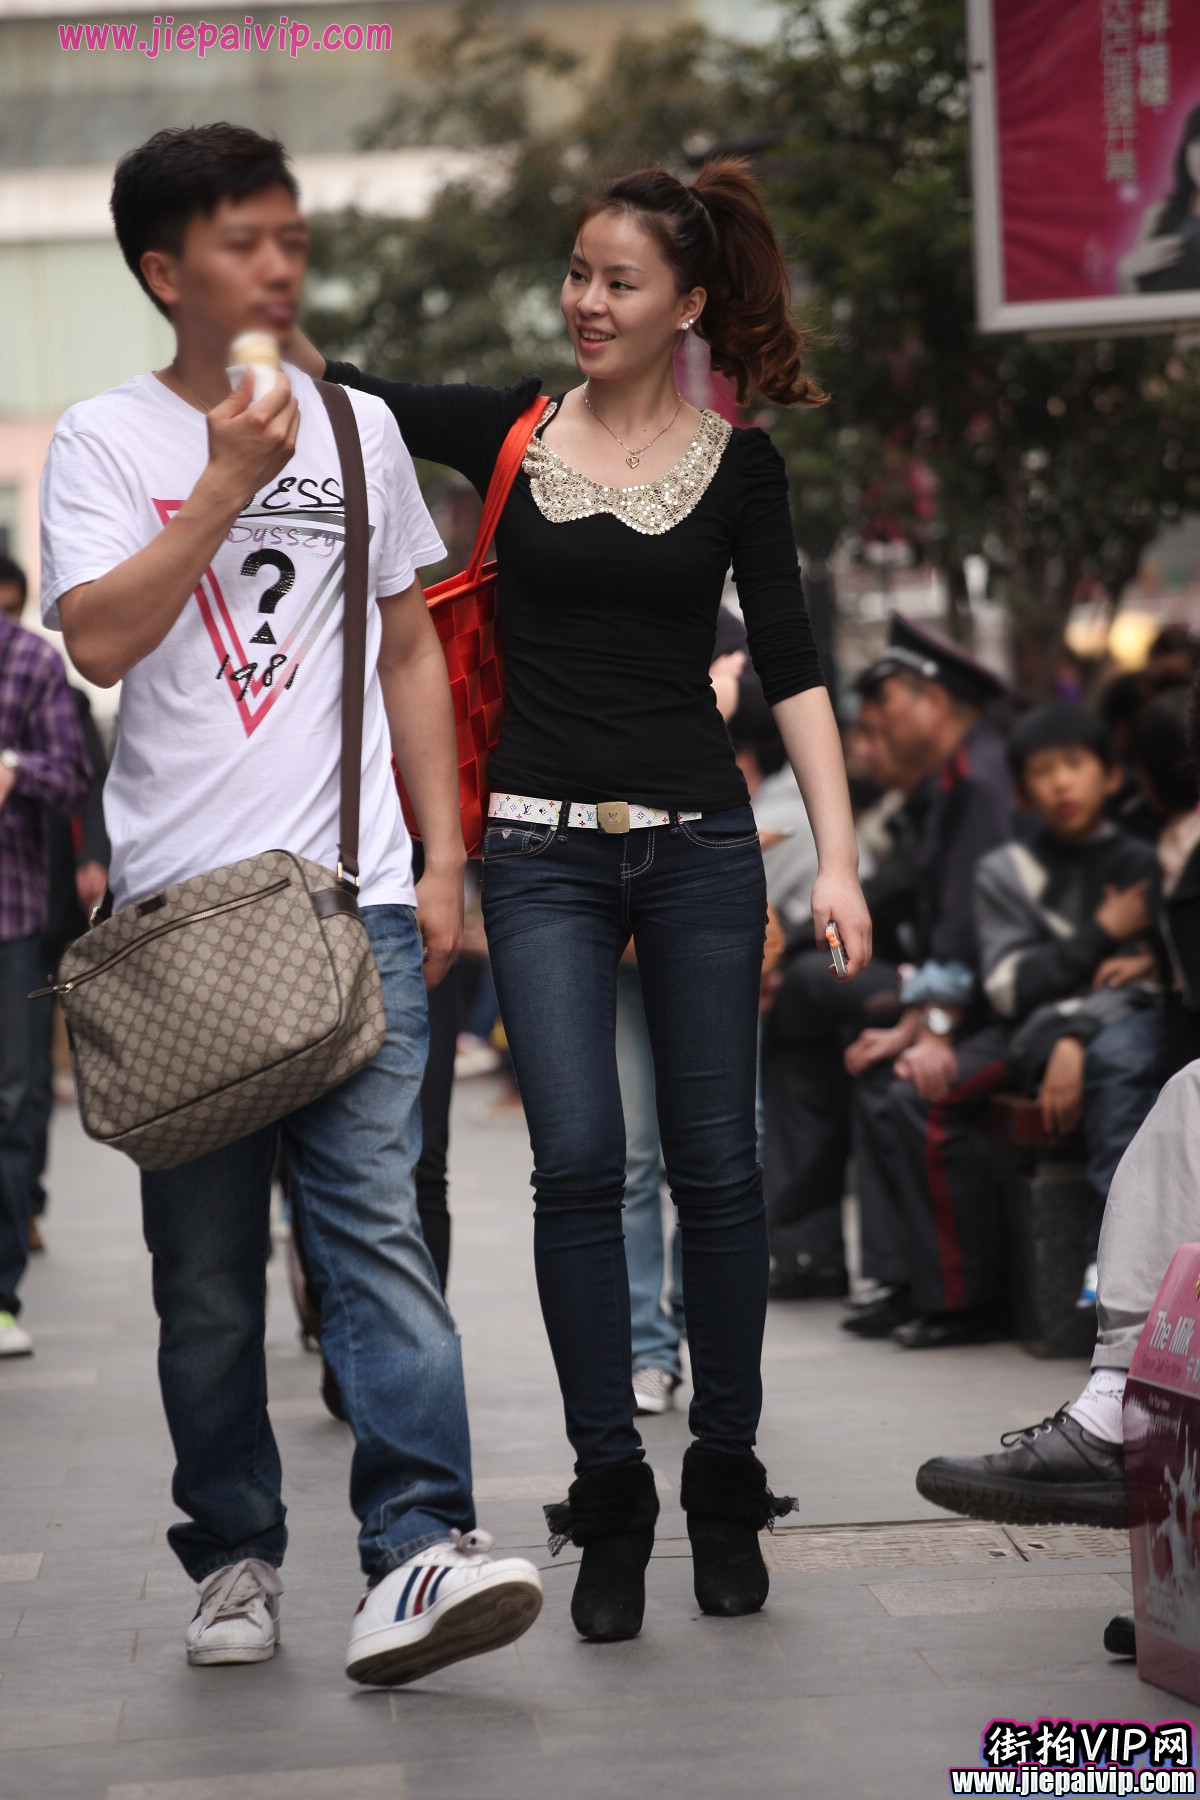 高挑牛仔裤,马尾辫美眉